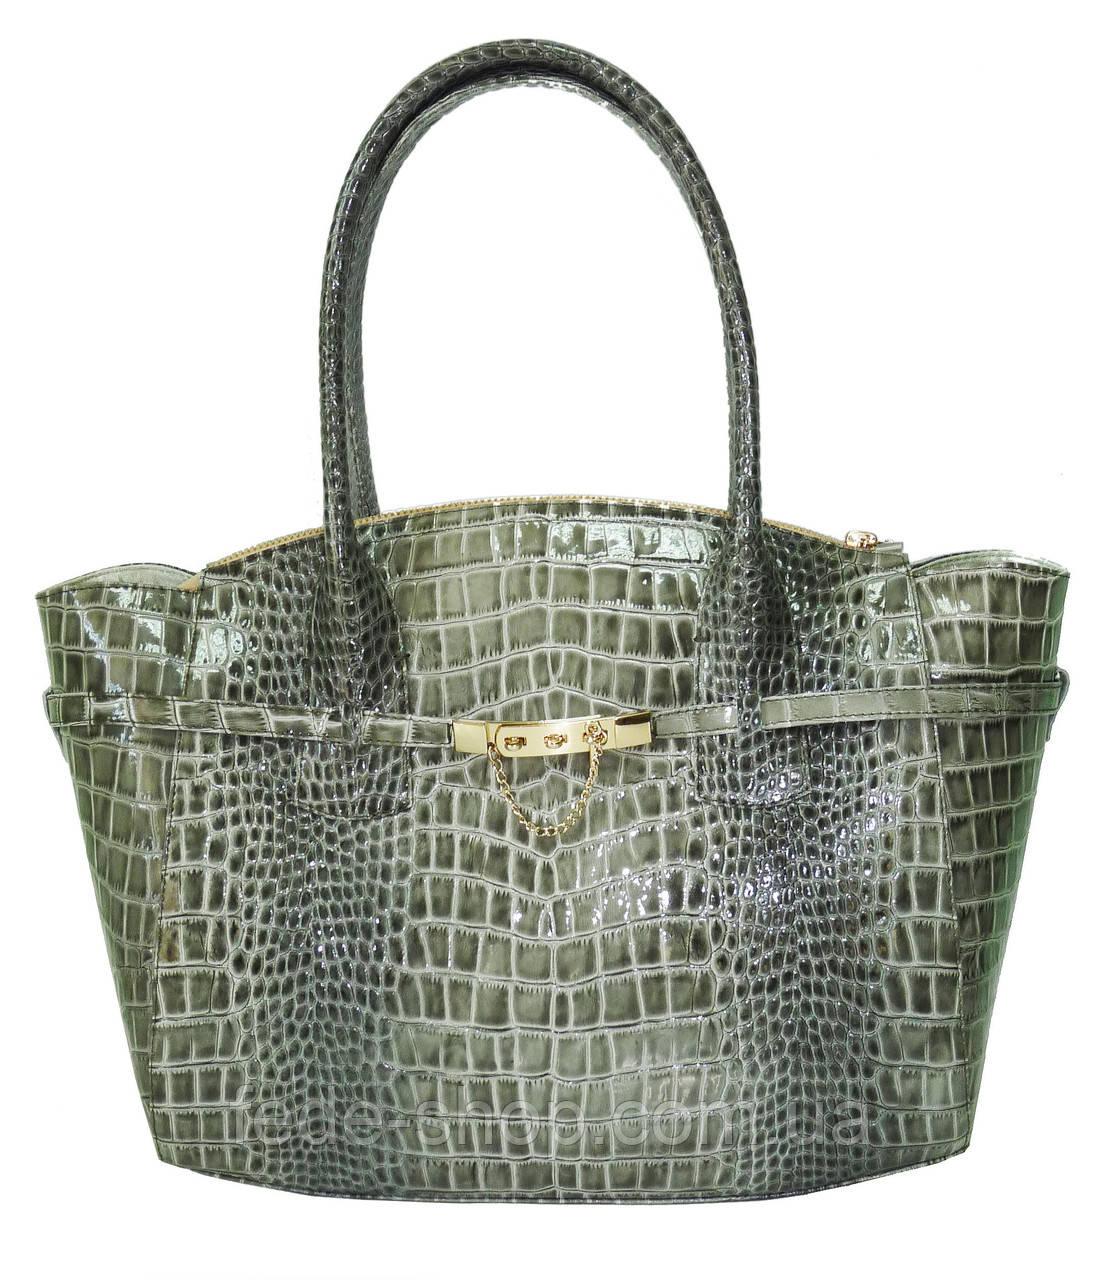 c7e25a07a2ea Женская сумка кожаная зелёная крокодил, цена 2 880 грн., купить в ...